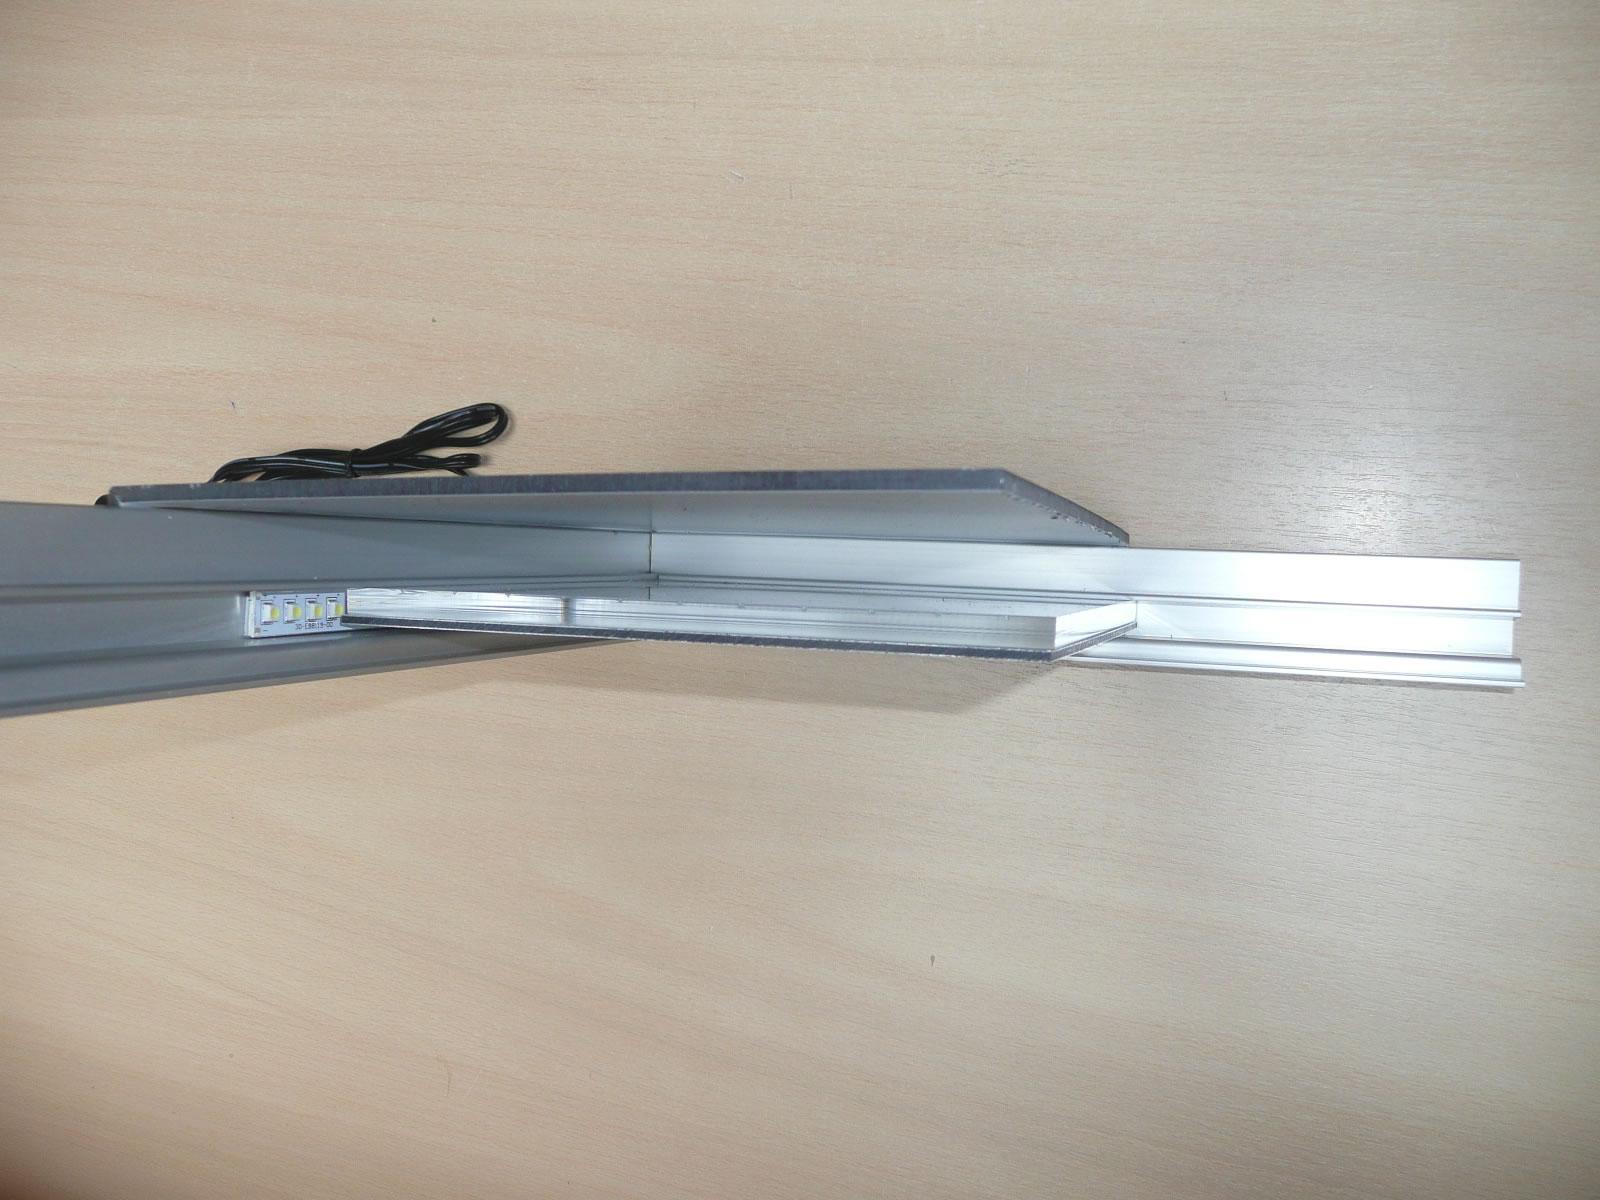 LRSD2101